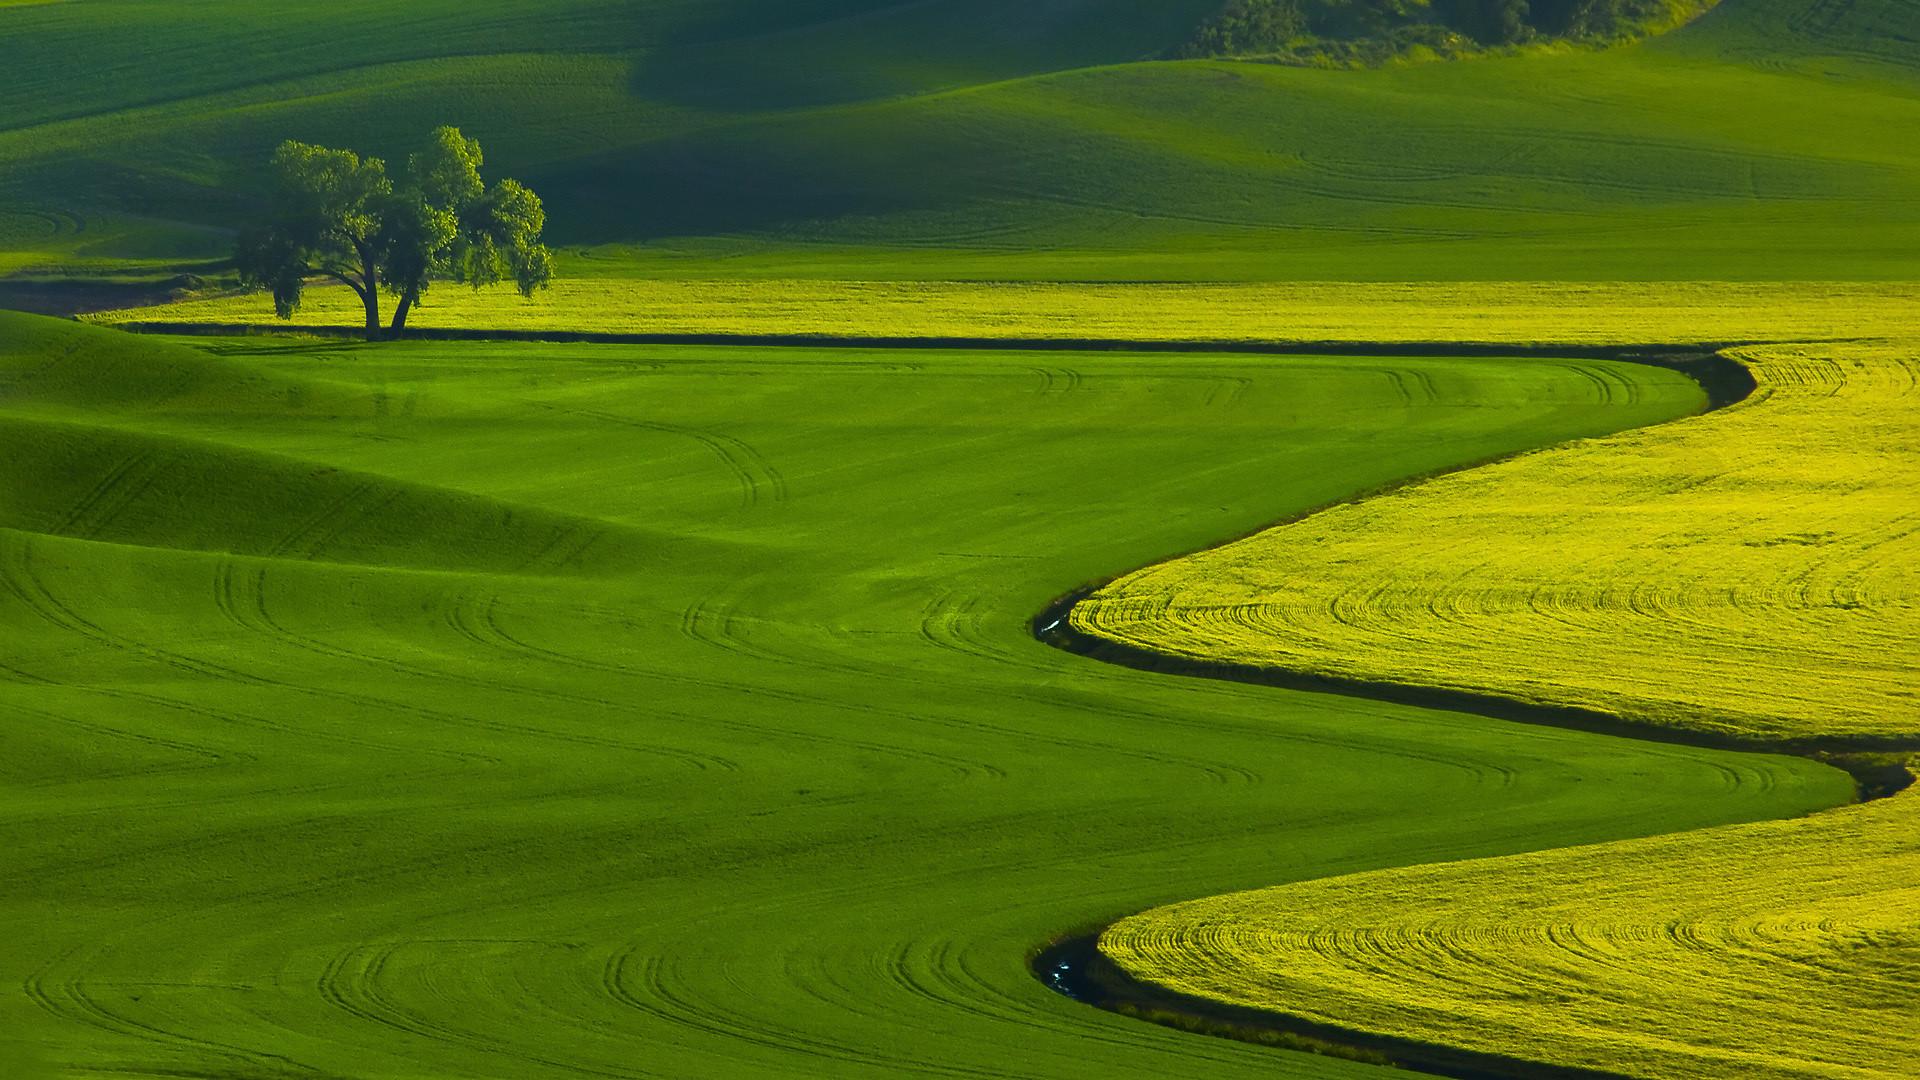 Golf High Definition Wallpaper. Golf High Definition Wallpaper 1920×1080